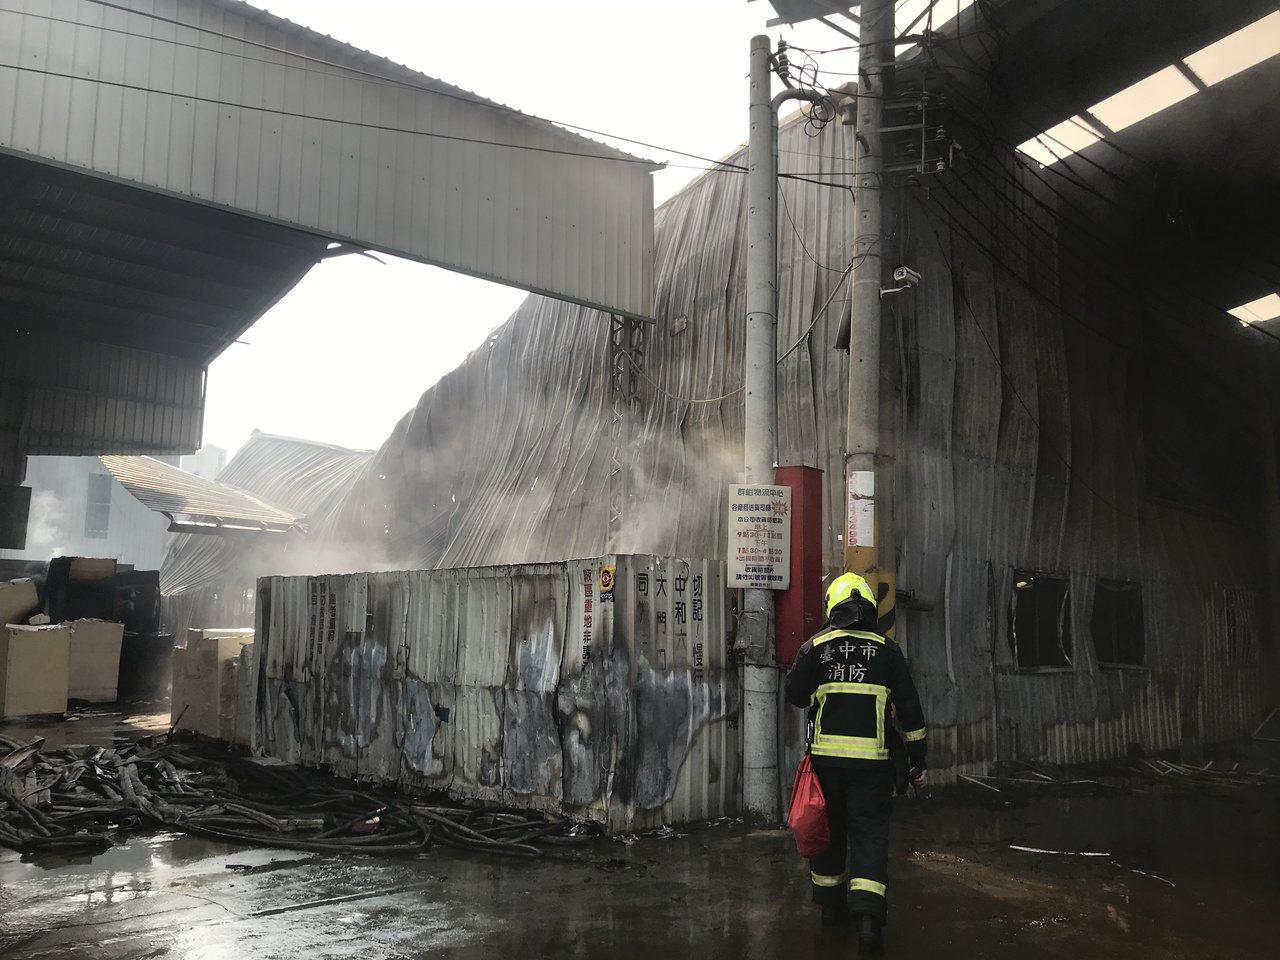 鐵皮工廠左側建物燃燒嚴重塌陷,警消拉起封鎖線。記者林佩均/攝影